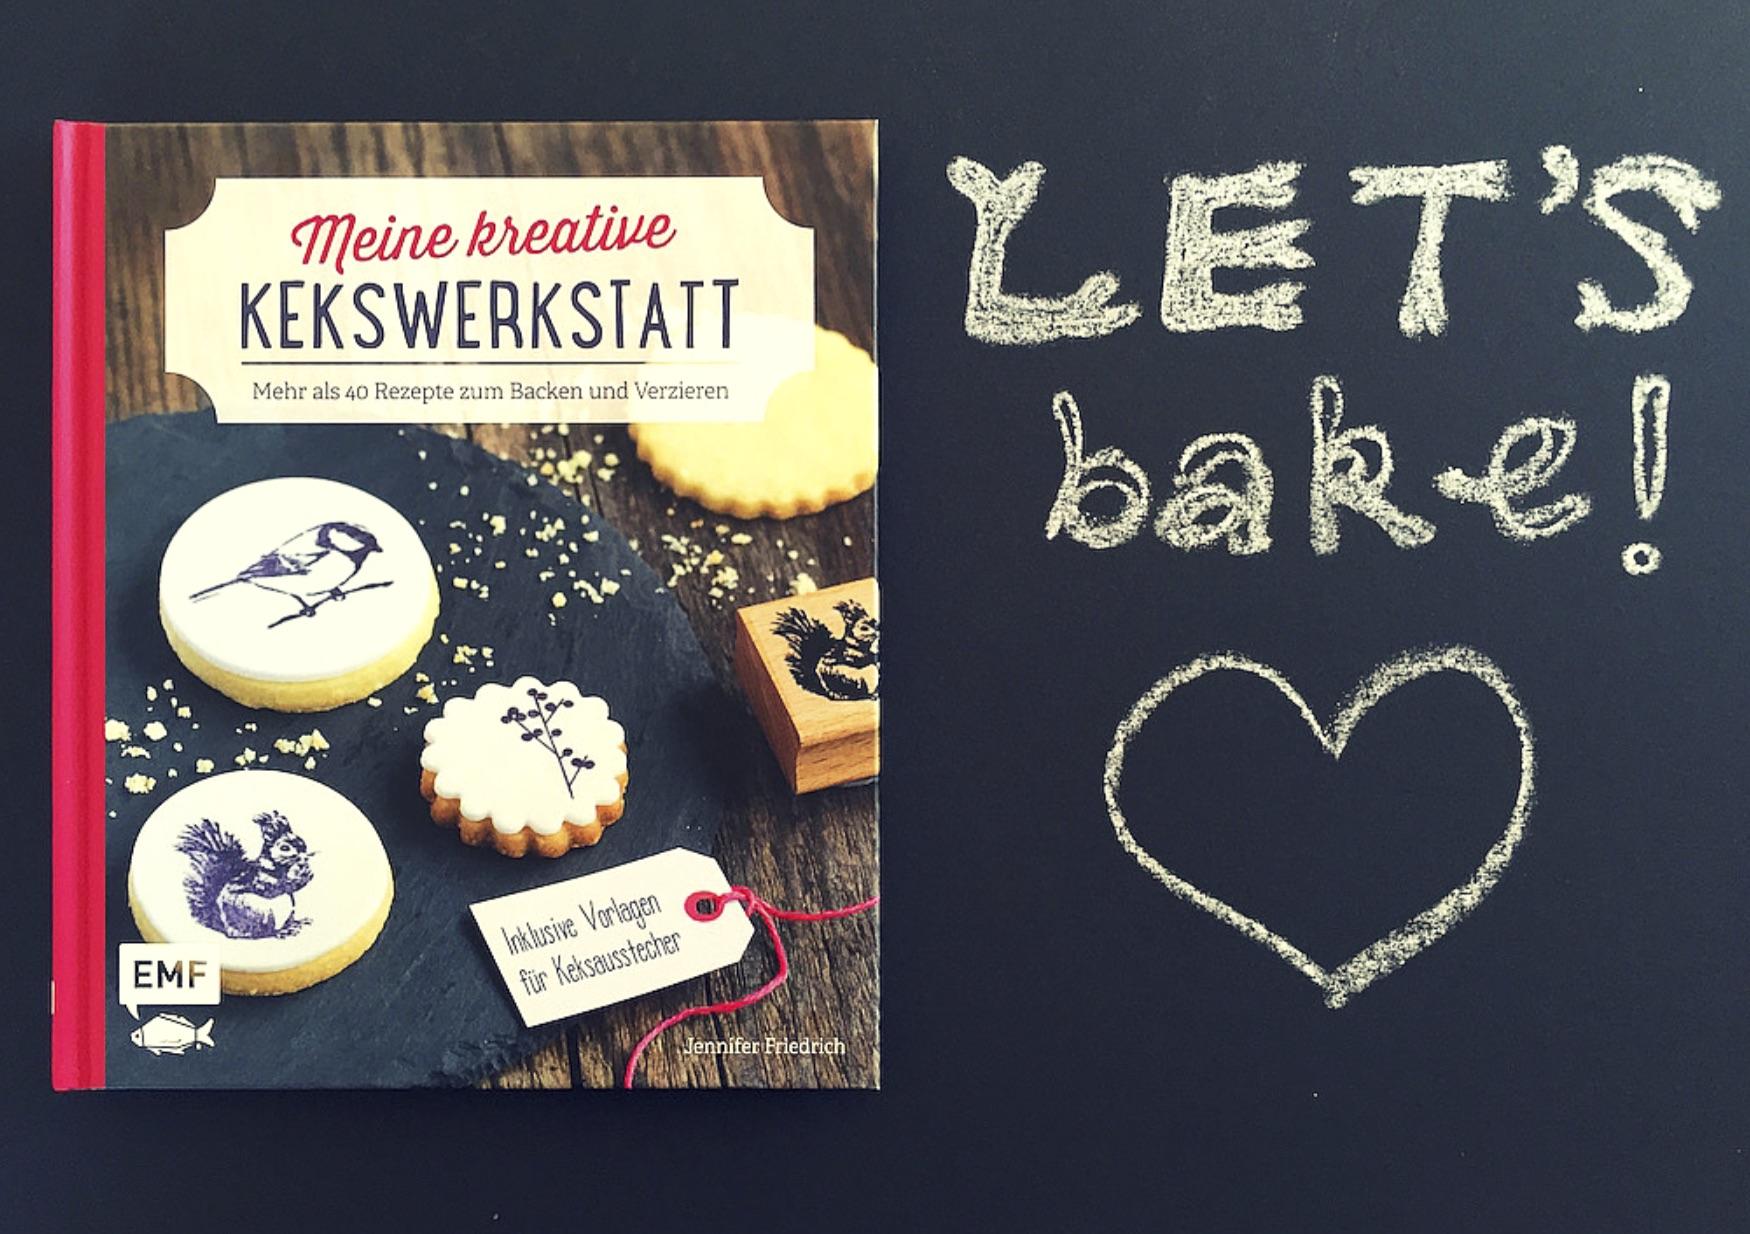 Meine kreative Kekswerkstatt Buch EMF Verlag www.meinesvenja.de